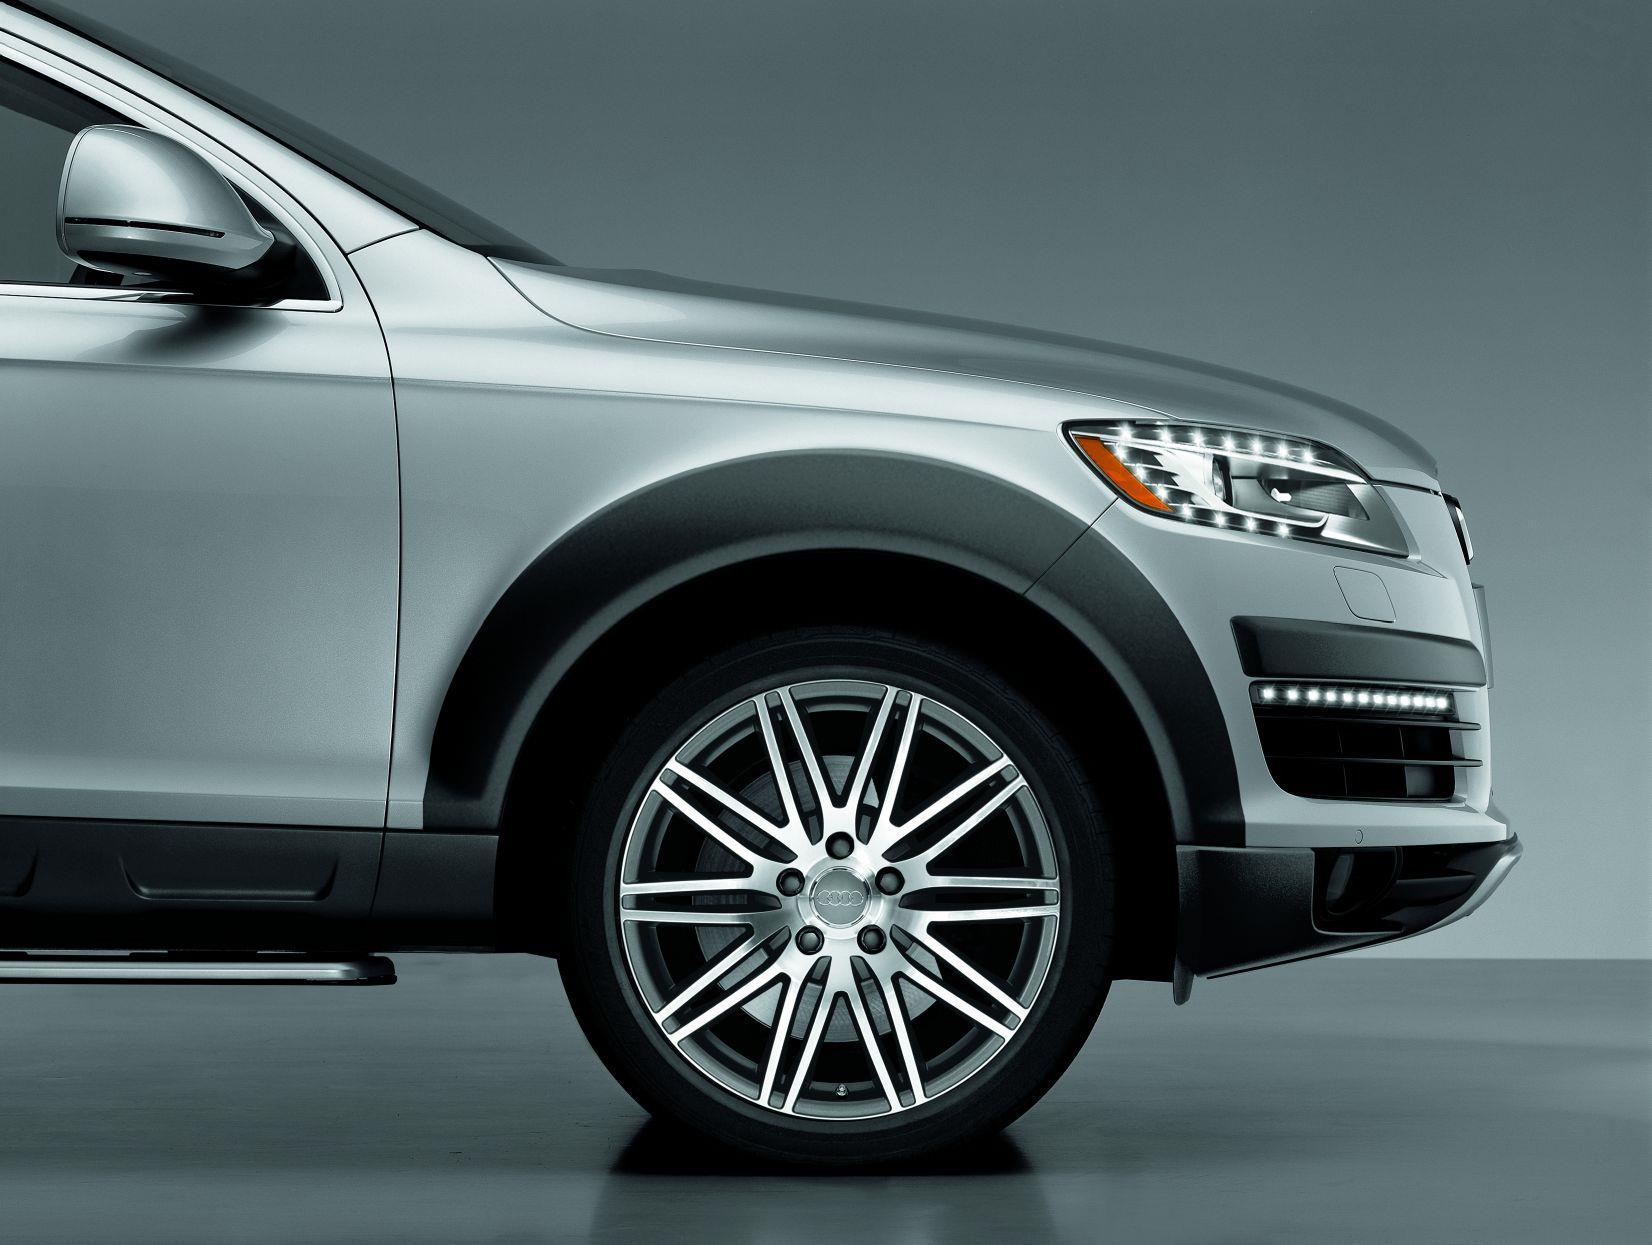 2015 Audi Q7 20 10-double-spoke alloy wheel - 4L00714901ZL - Genuine Audi Accessory